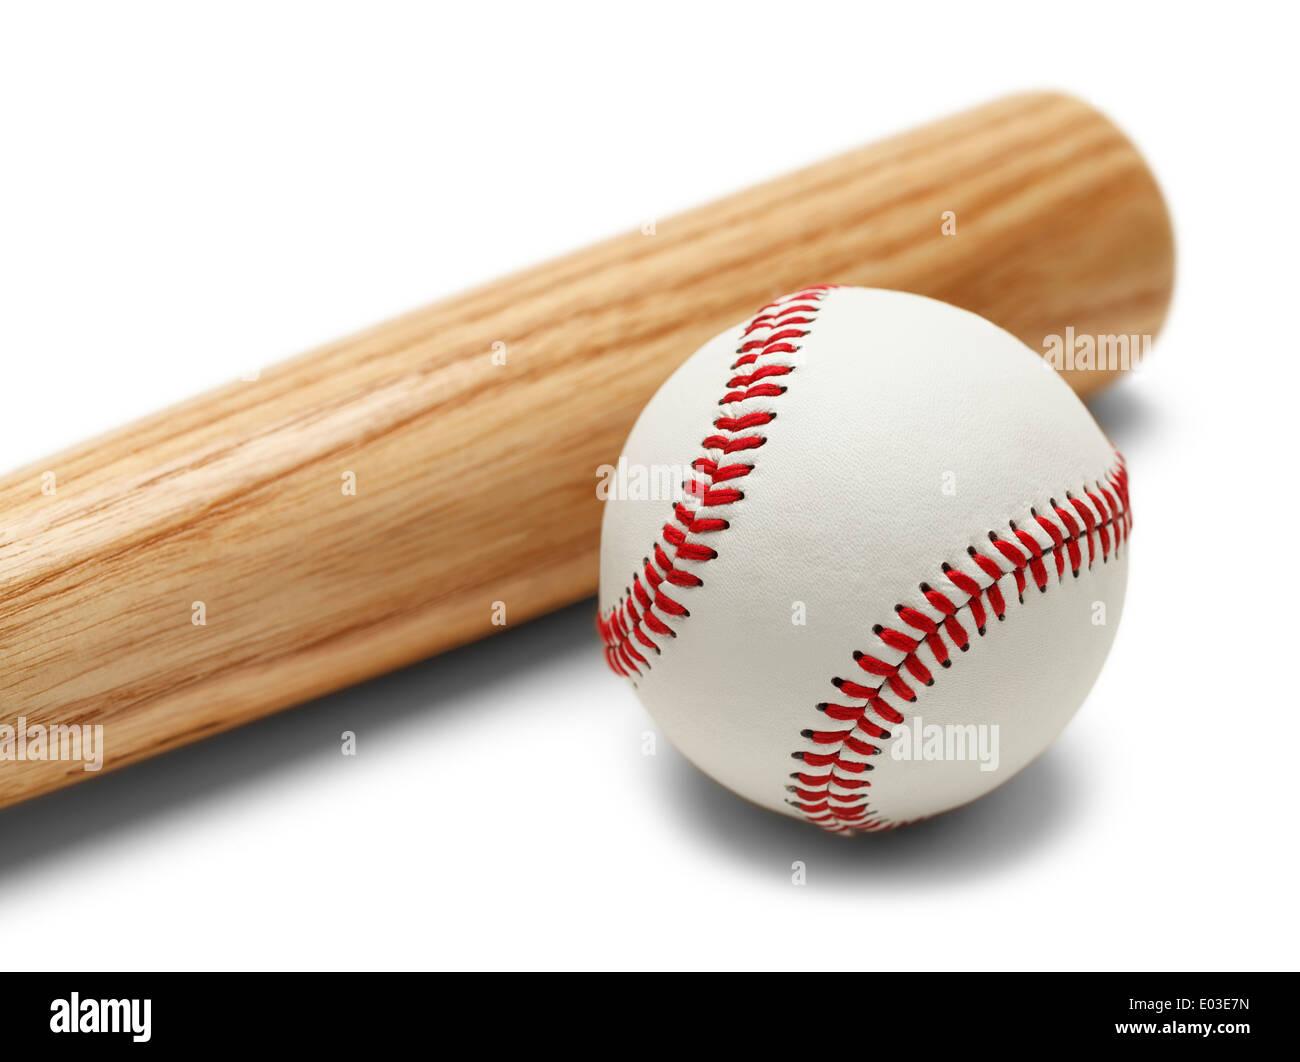 Wood Baseball Bat and Ball Isolated on White Background. - Stock Image